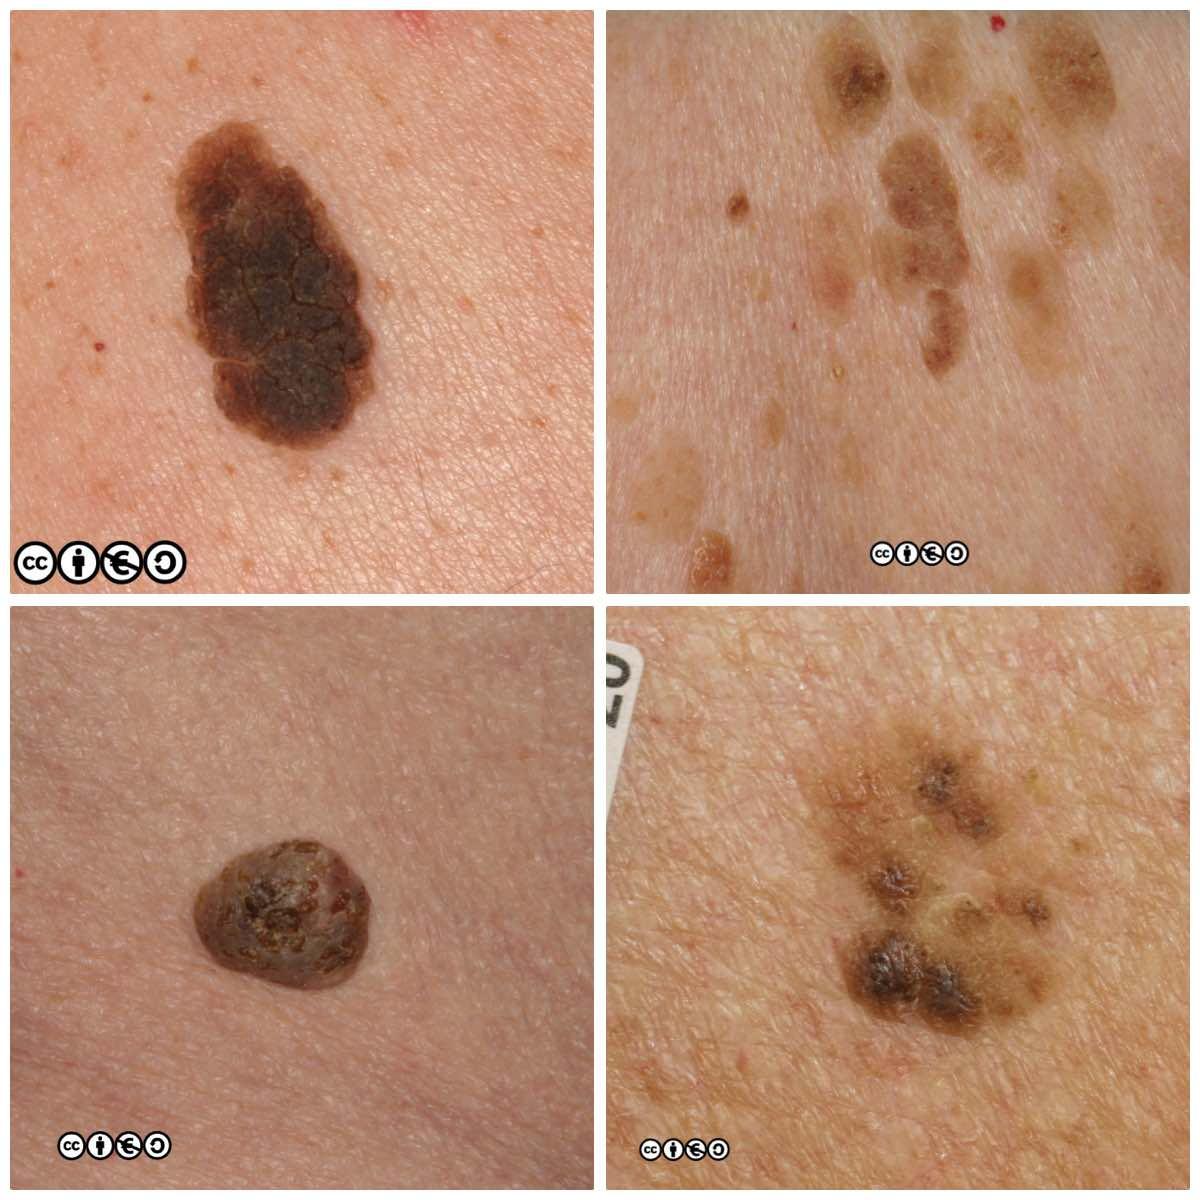 Skin cancer benign mole